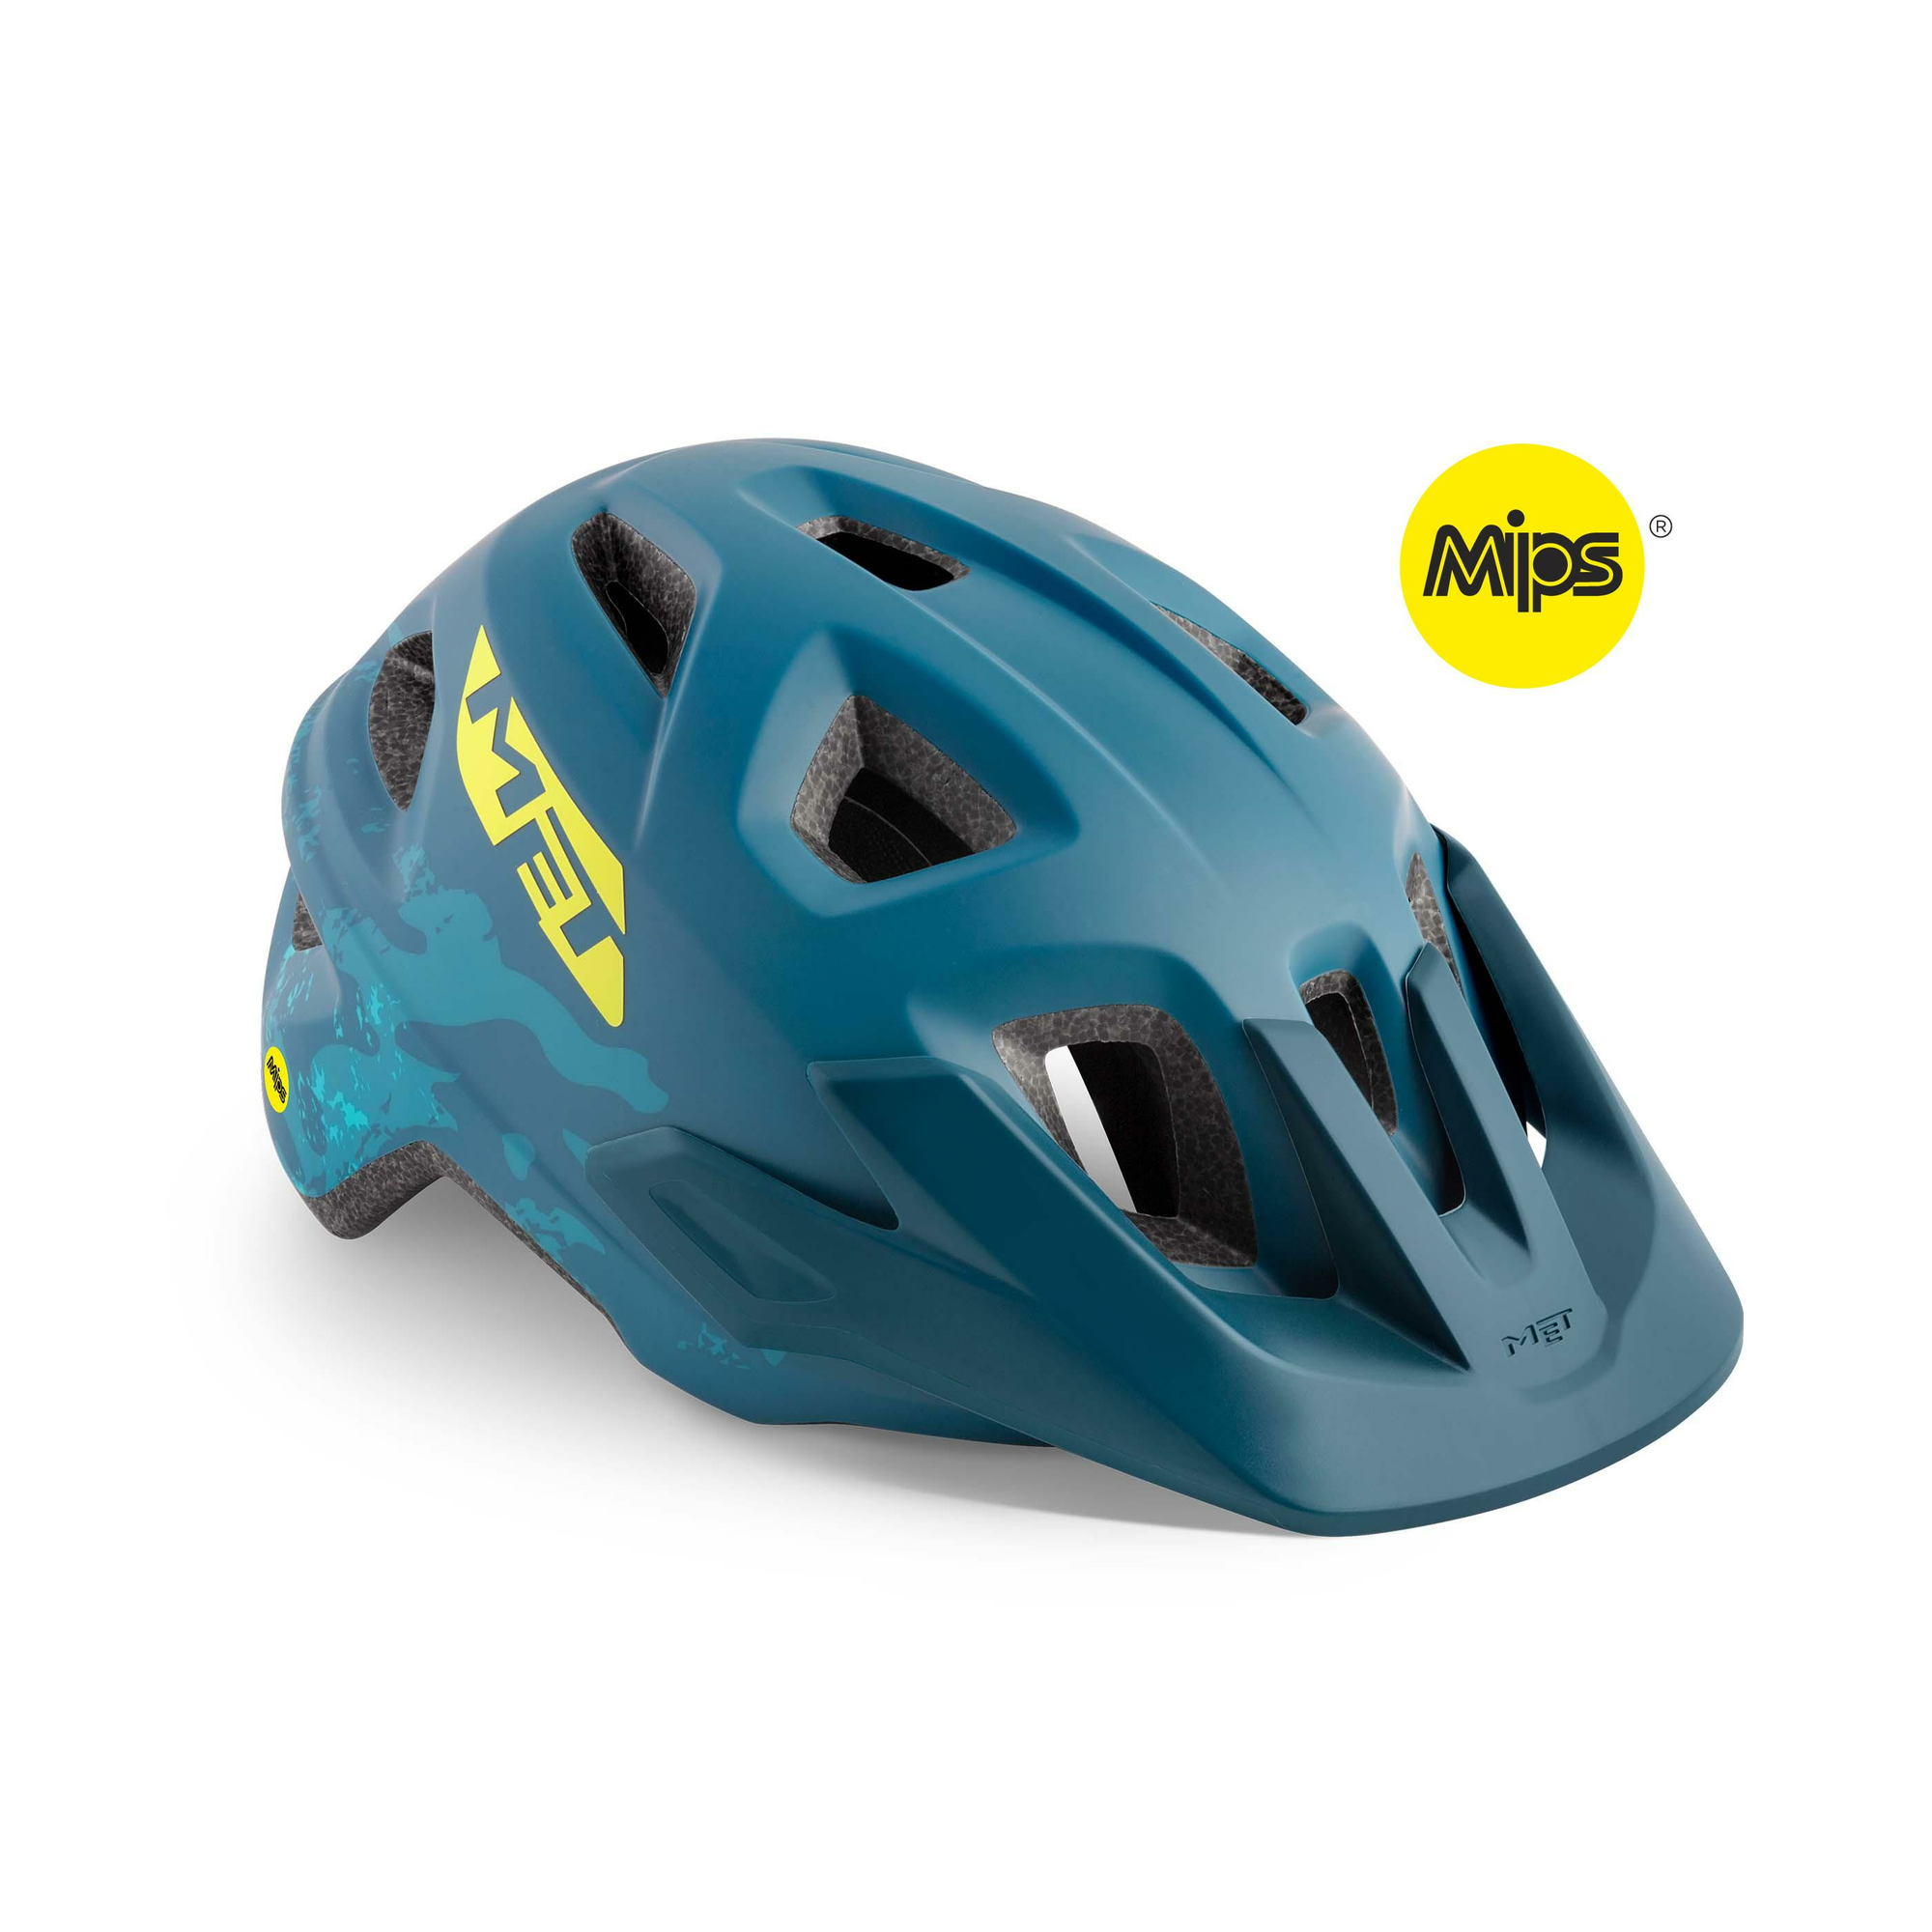 MET Eldar Helm mit MIPS